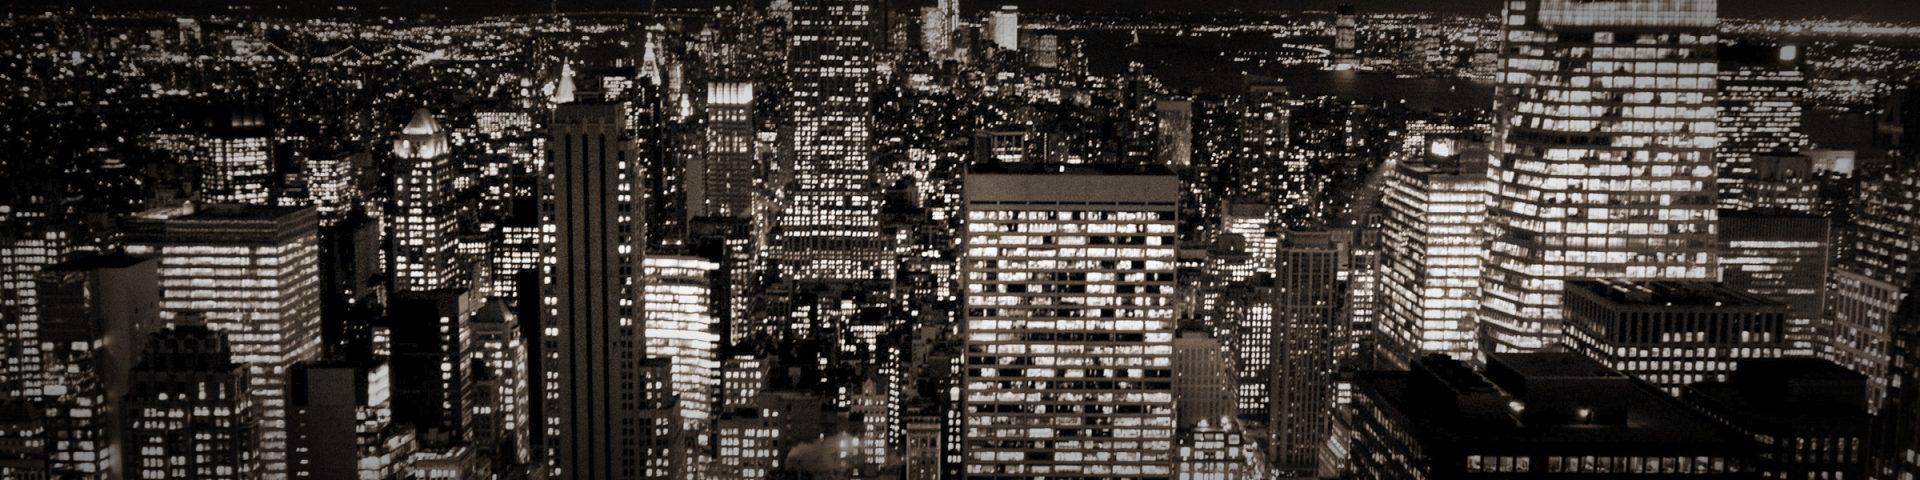 City lights backdrop.